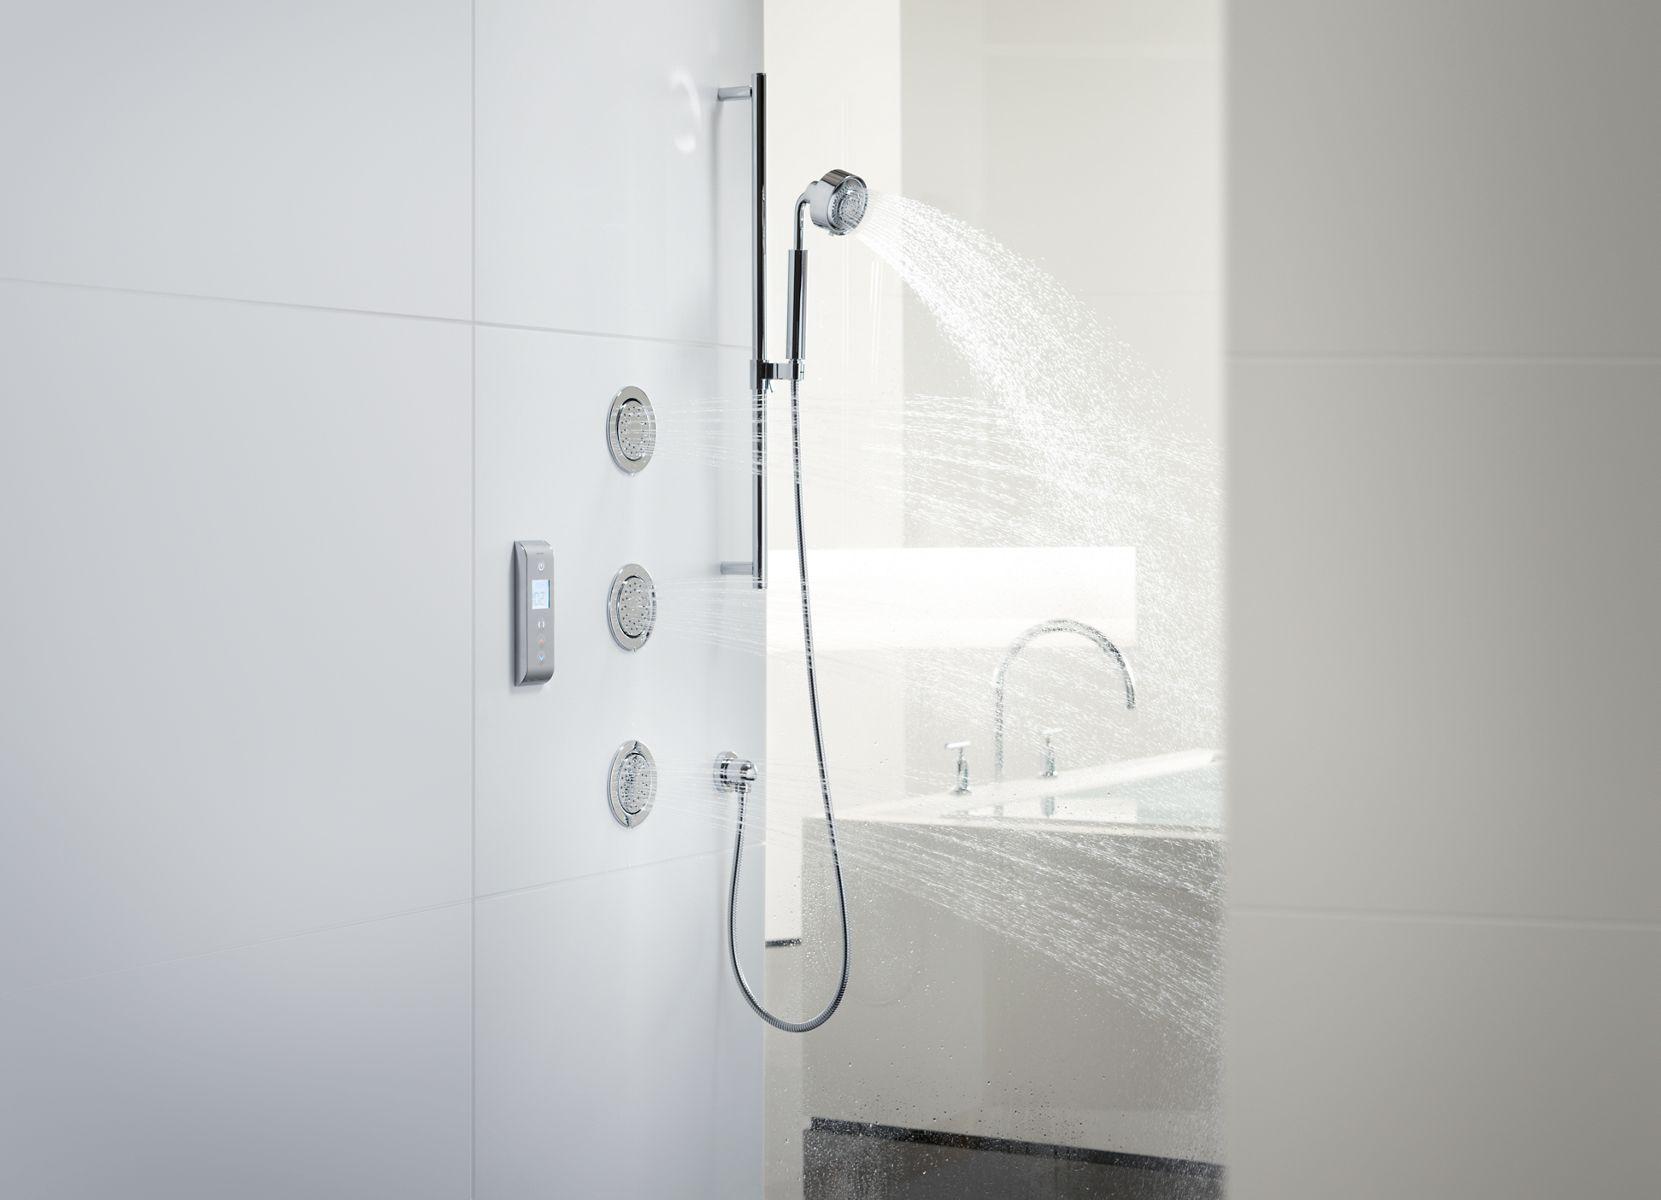 DTV Prompt Digital Showering System Bathroom KOHLER